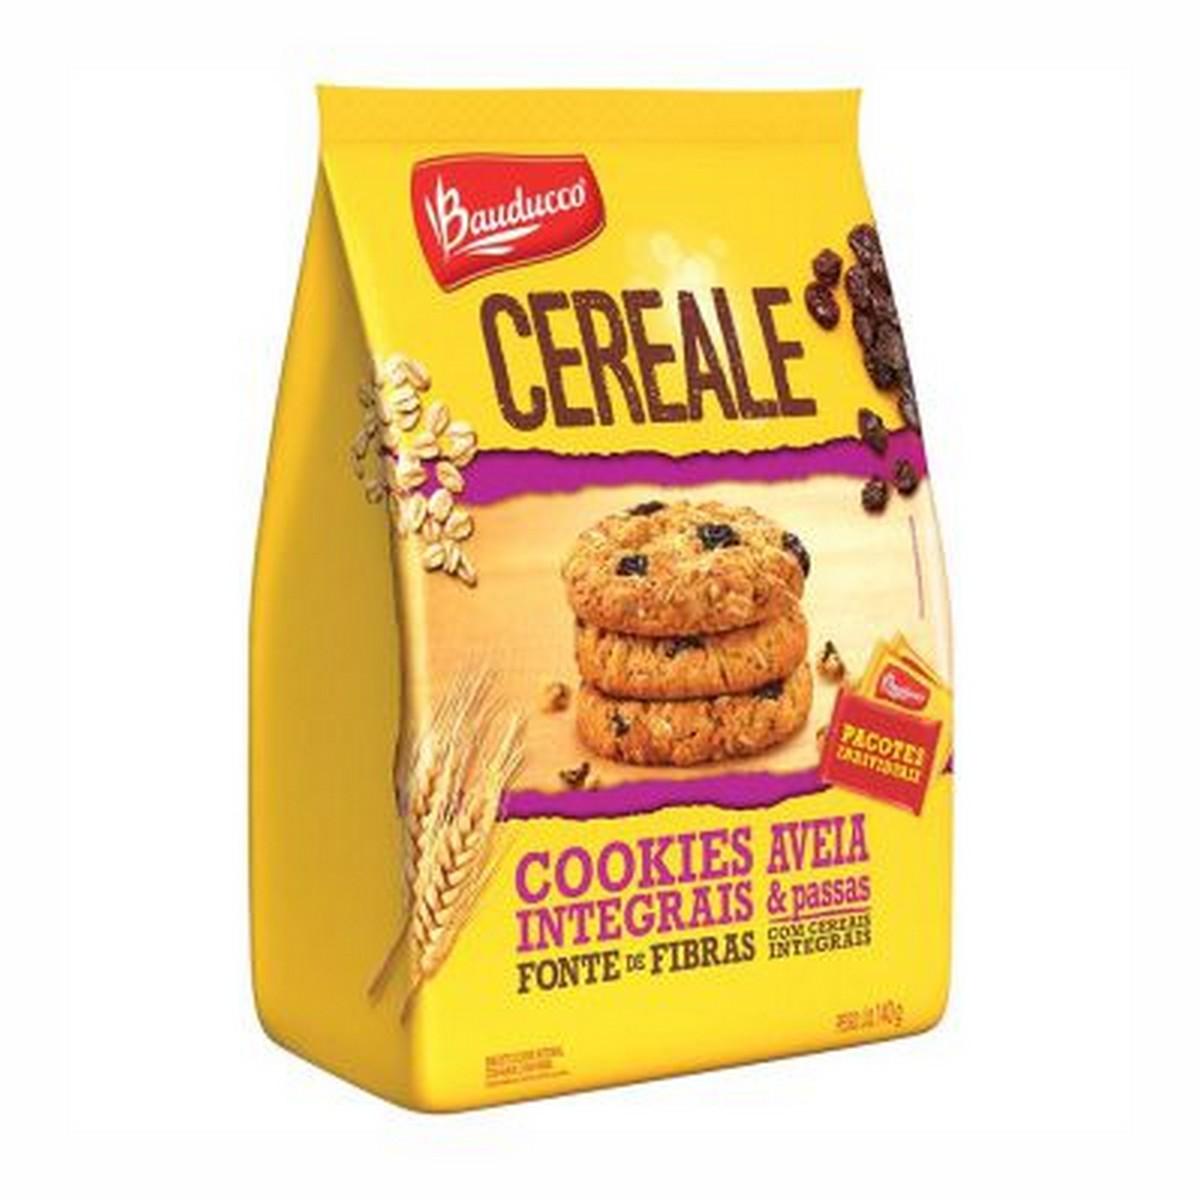 Distribuidora de bolachas e biscoitos